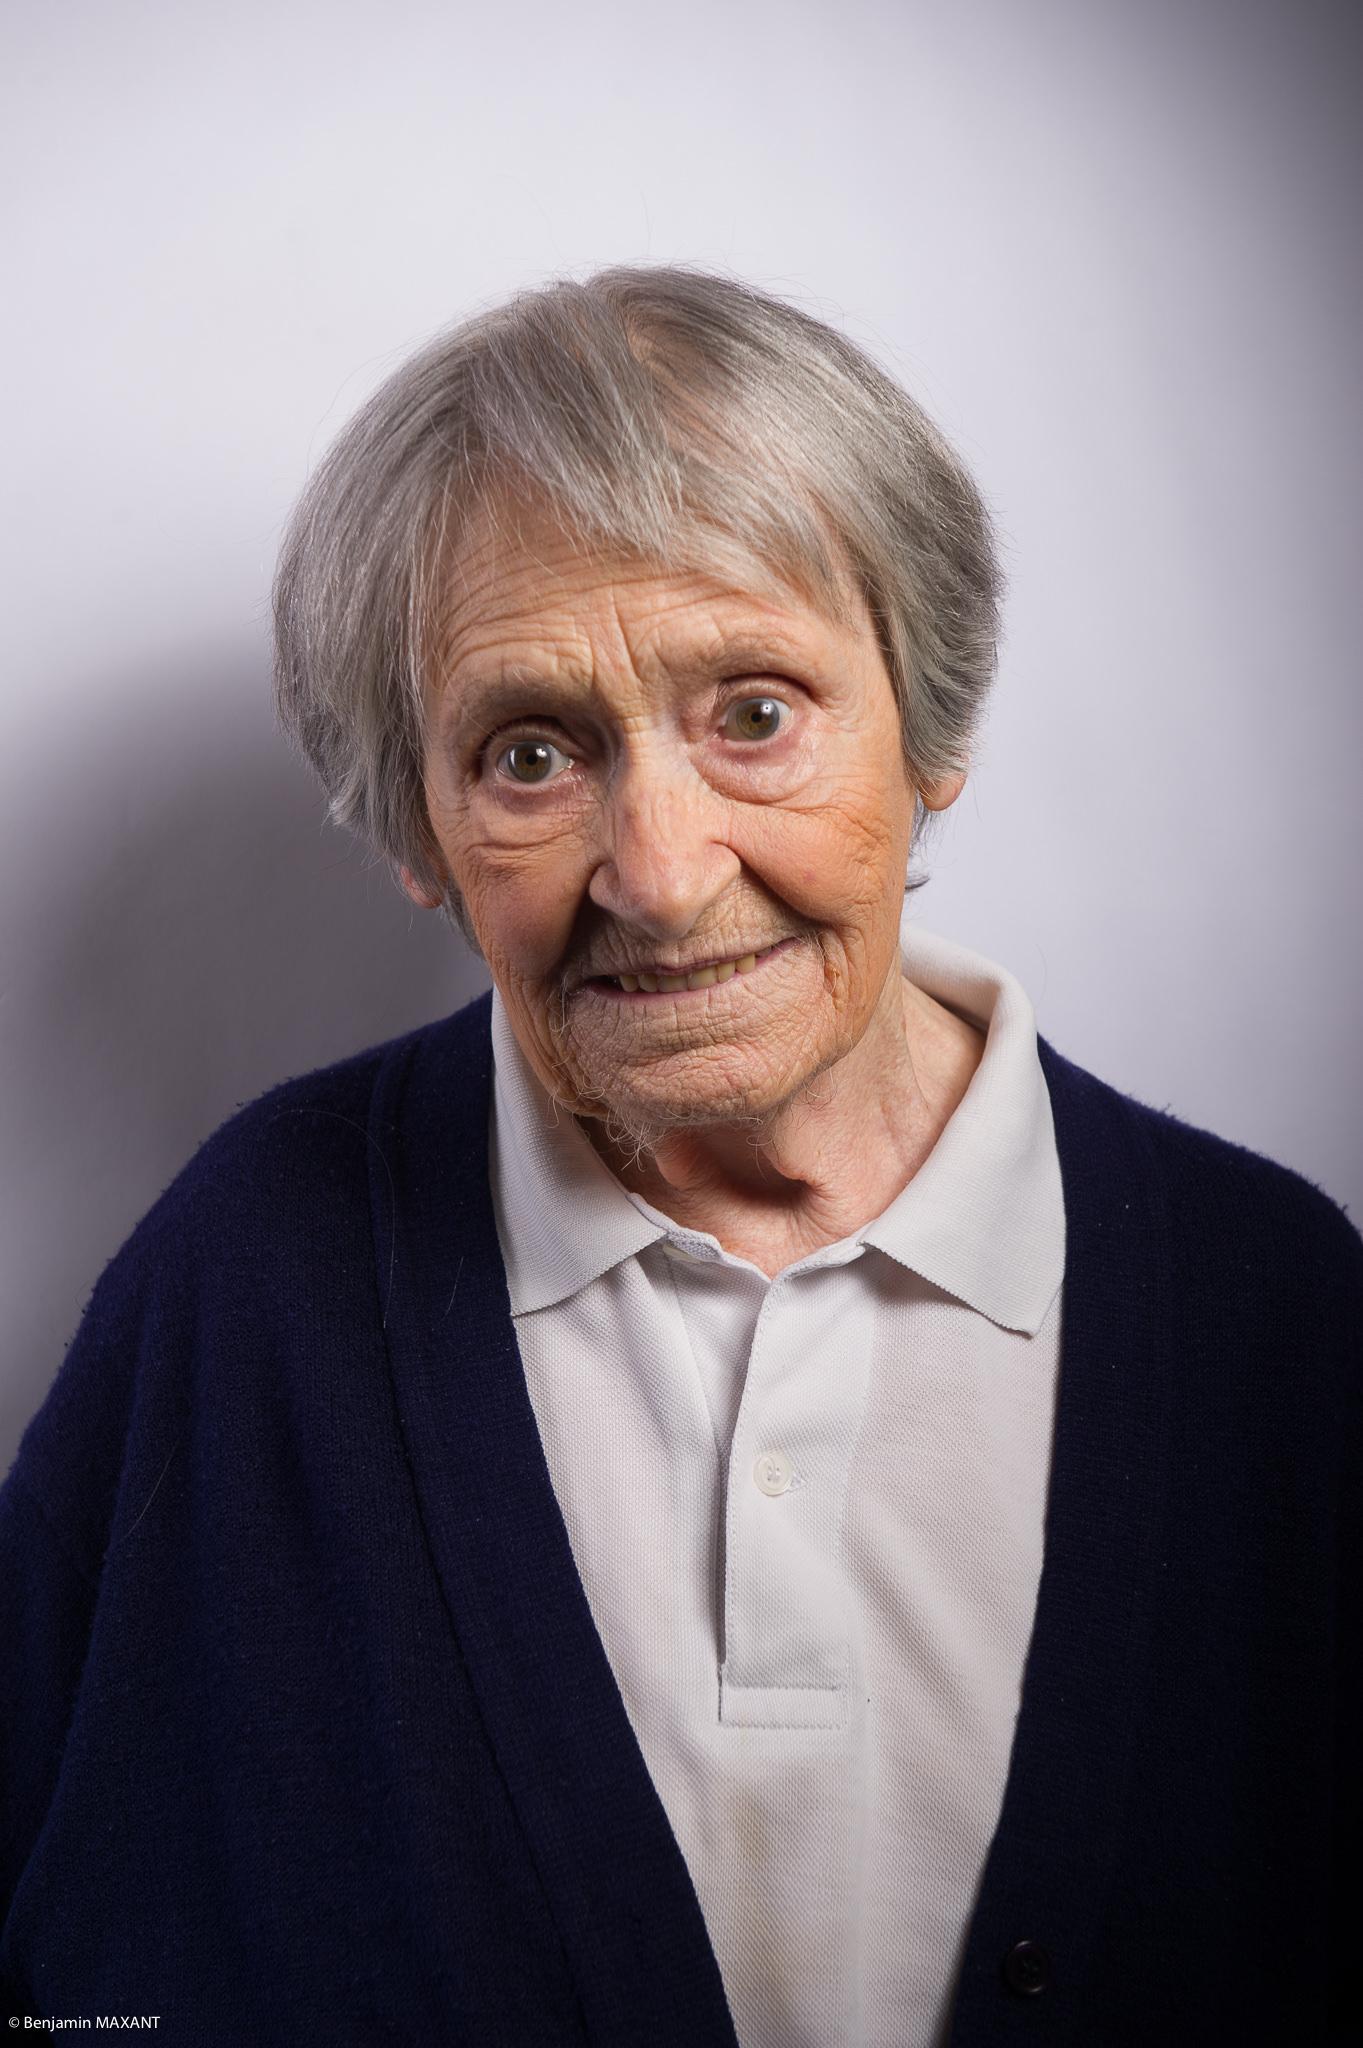 Portrait studio d'une personne âgée - femme chemise grise